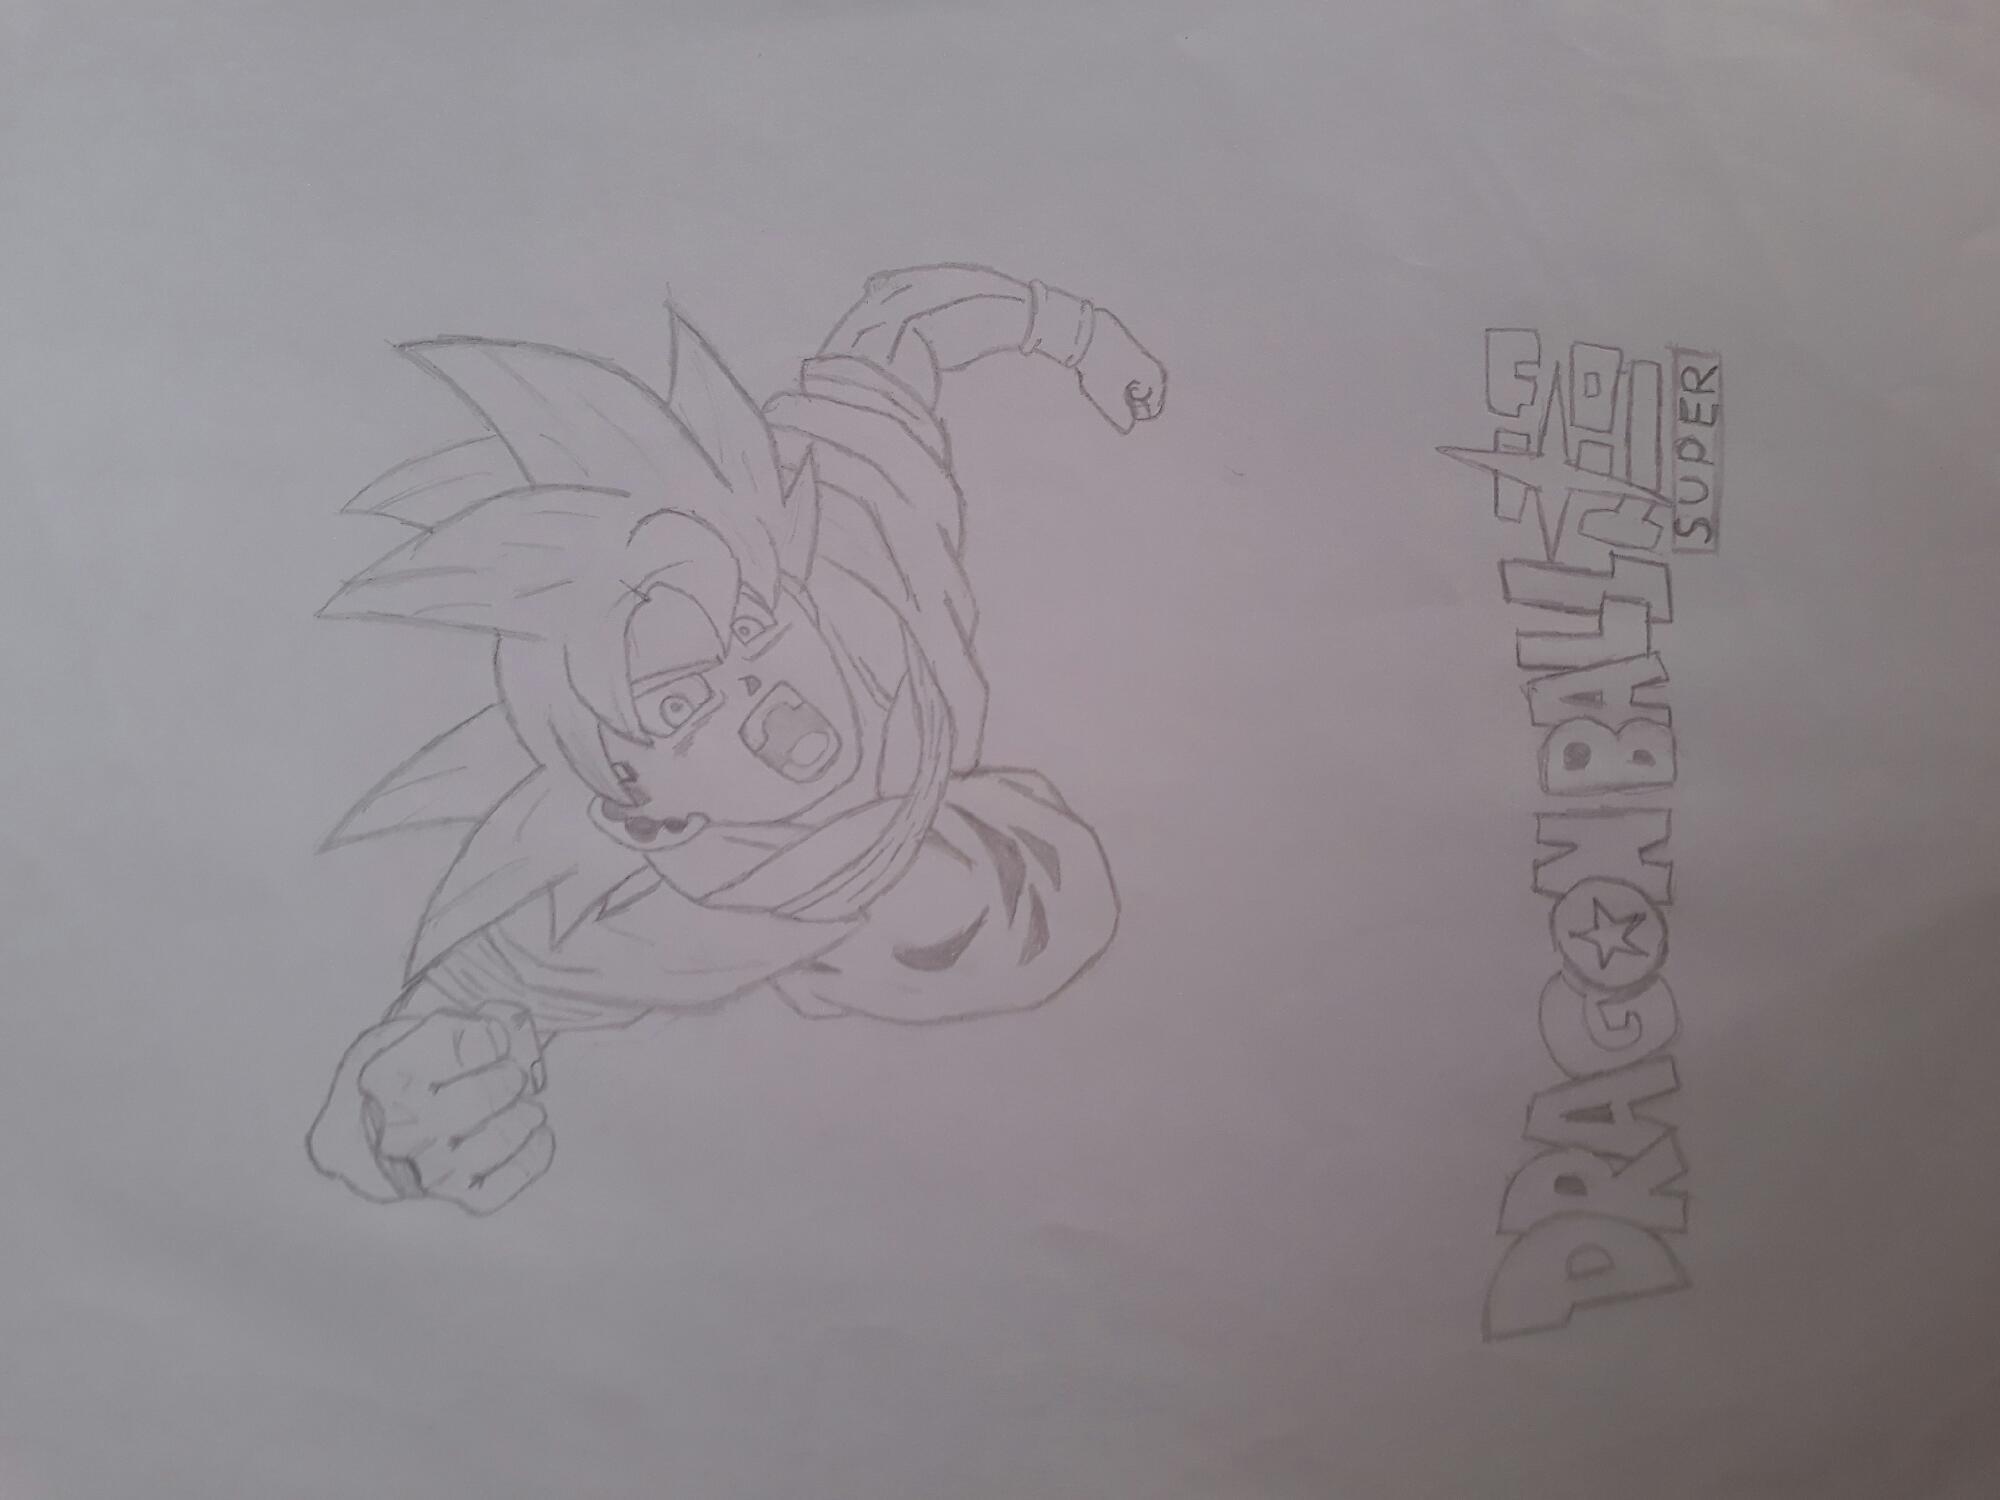 Eai oque vocês acharam do meu desenho?